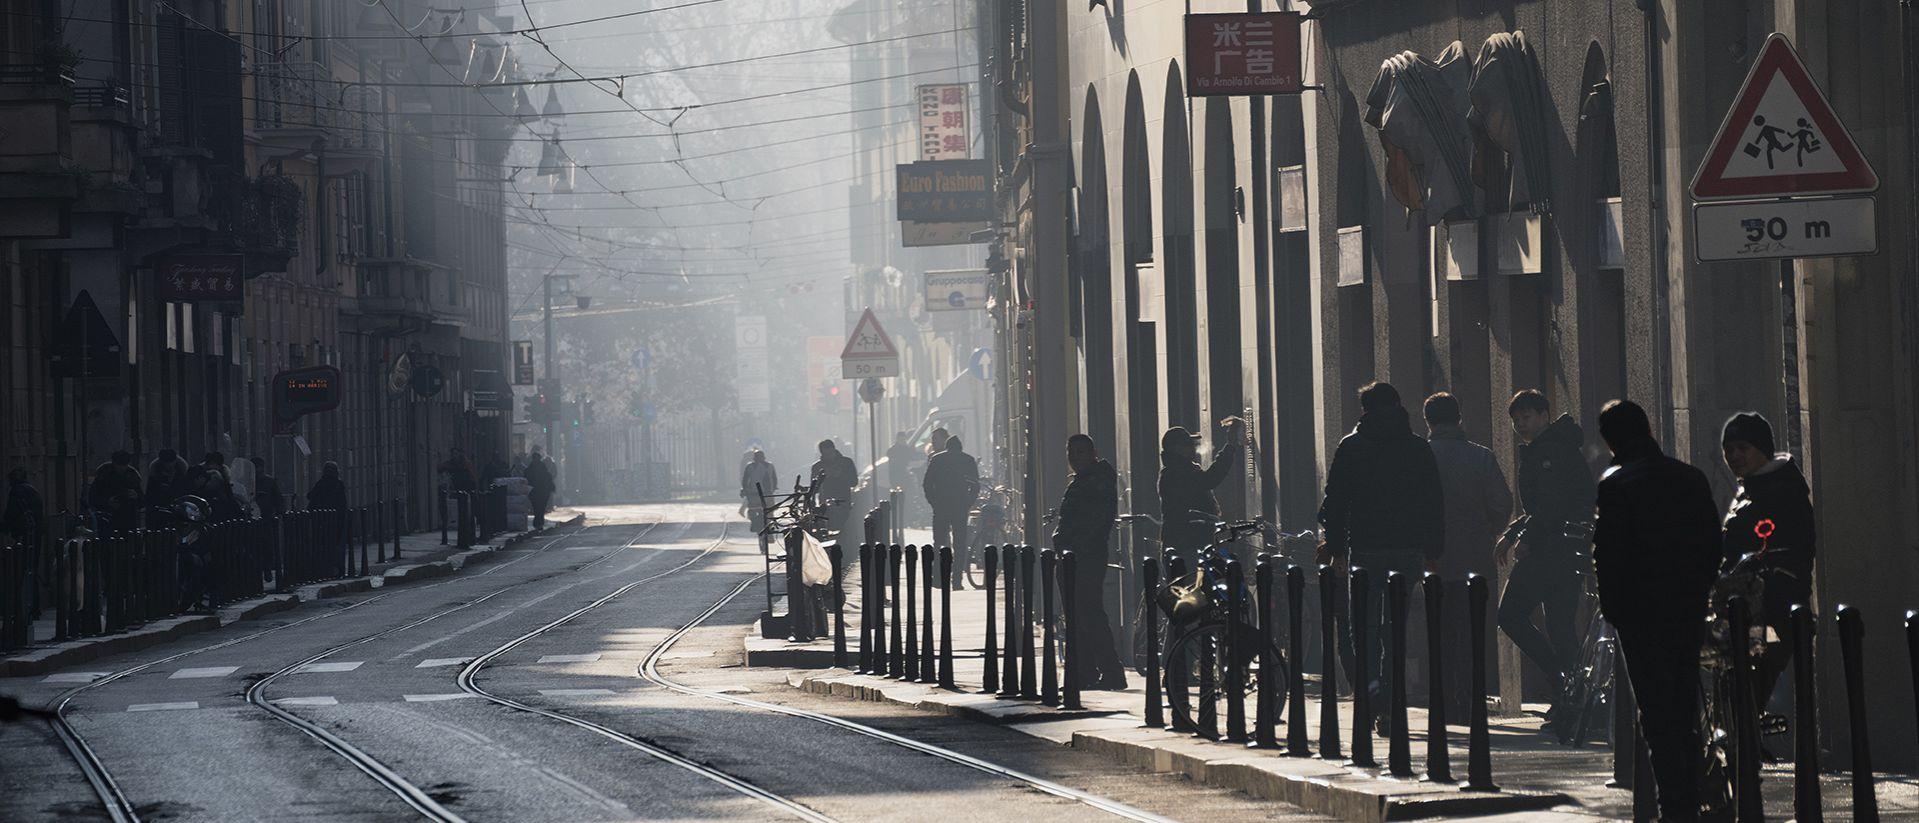 Ispra, il report sulla qualità dell'aria negli ultimi trent'anni